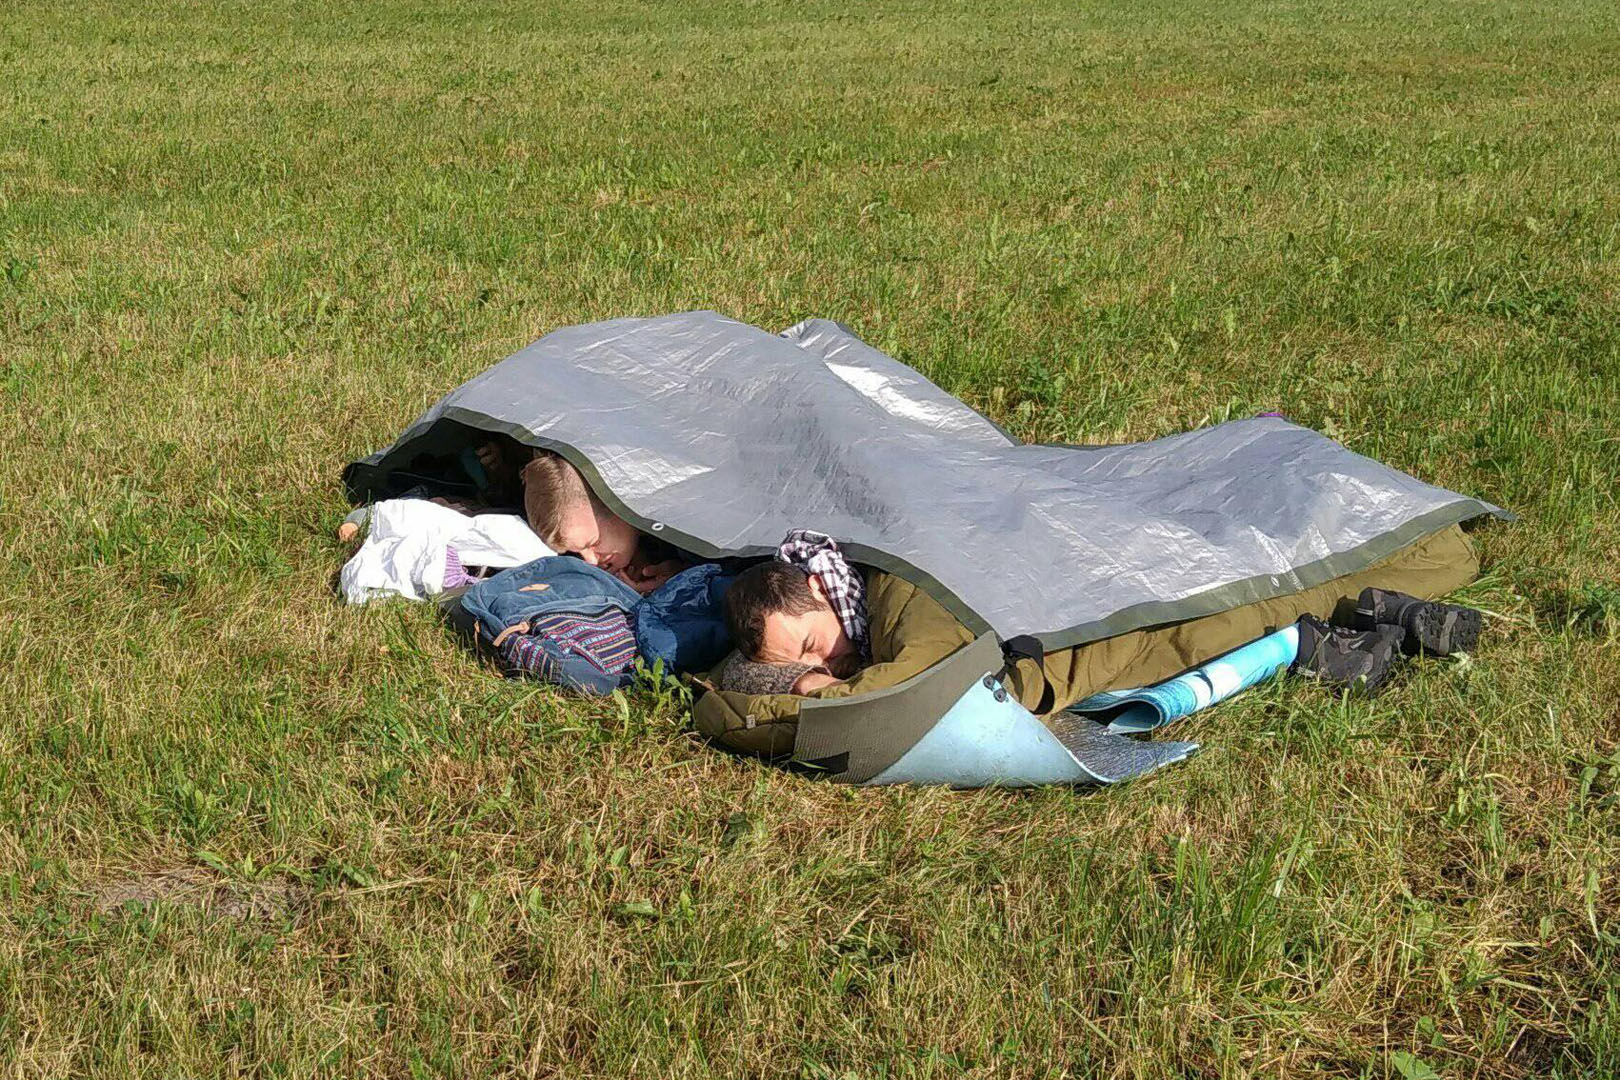 Skautai, pasikloję ir apsikloję tentu, kad nesušlaptų nuo lietaus, miegojo ant Apuolės piliakalnio 2017 m. Iš asmeninio M. M. Lizzi archyvo.